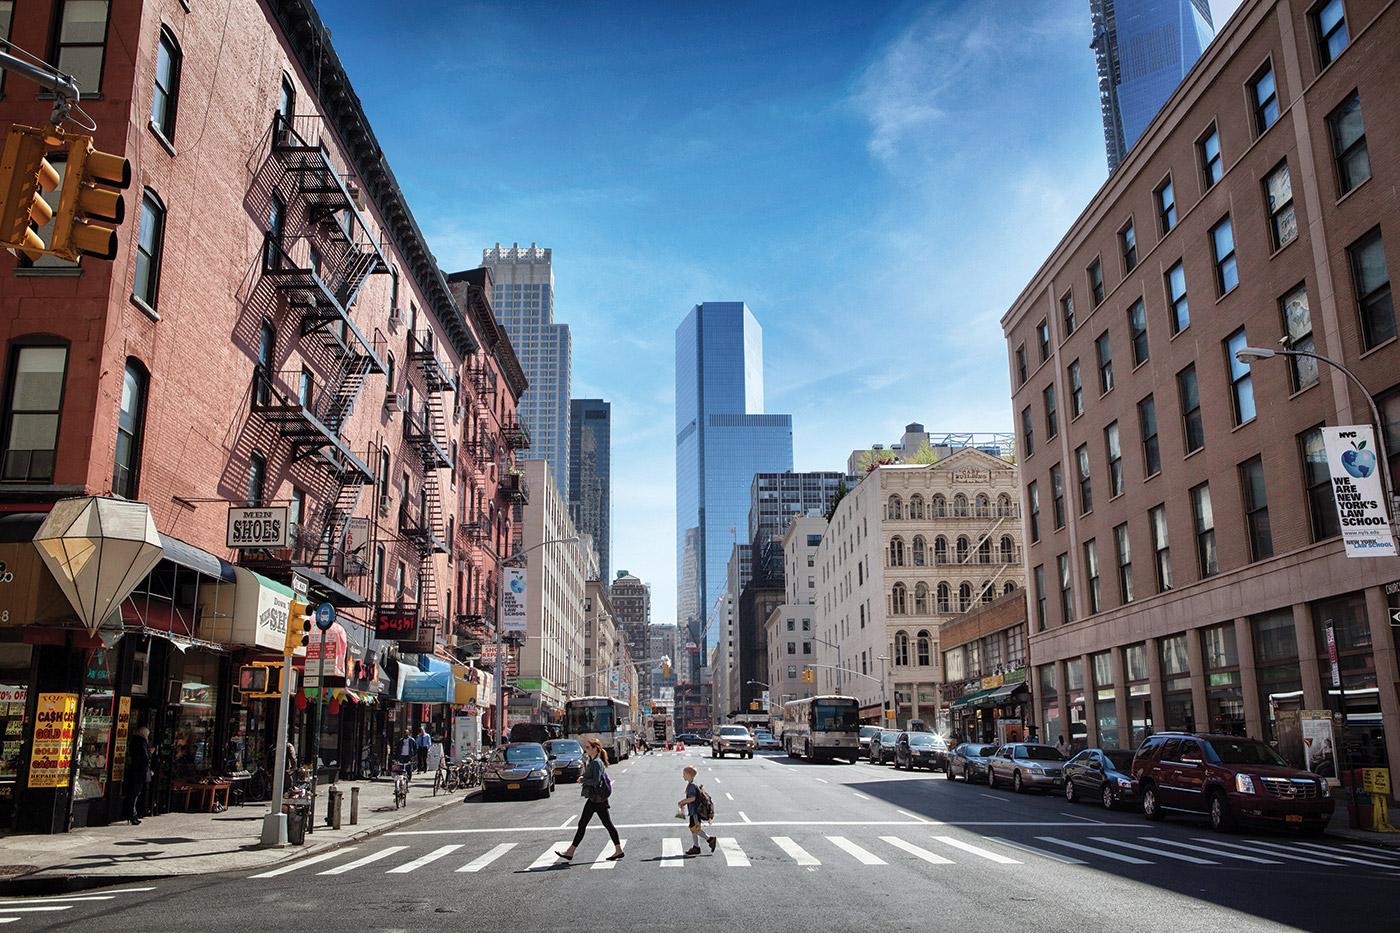 Адрес башни— 150 Greenwich Street